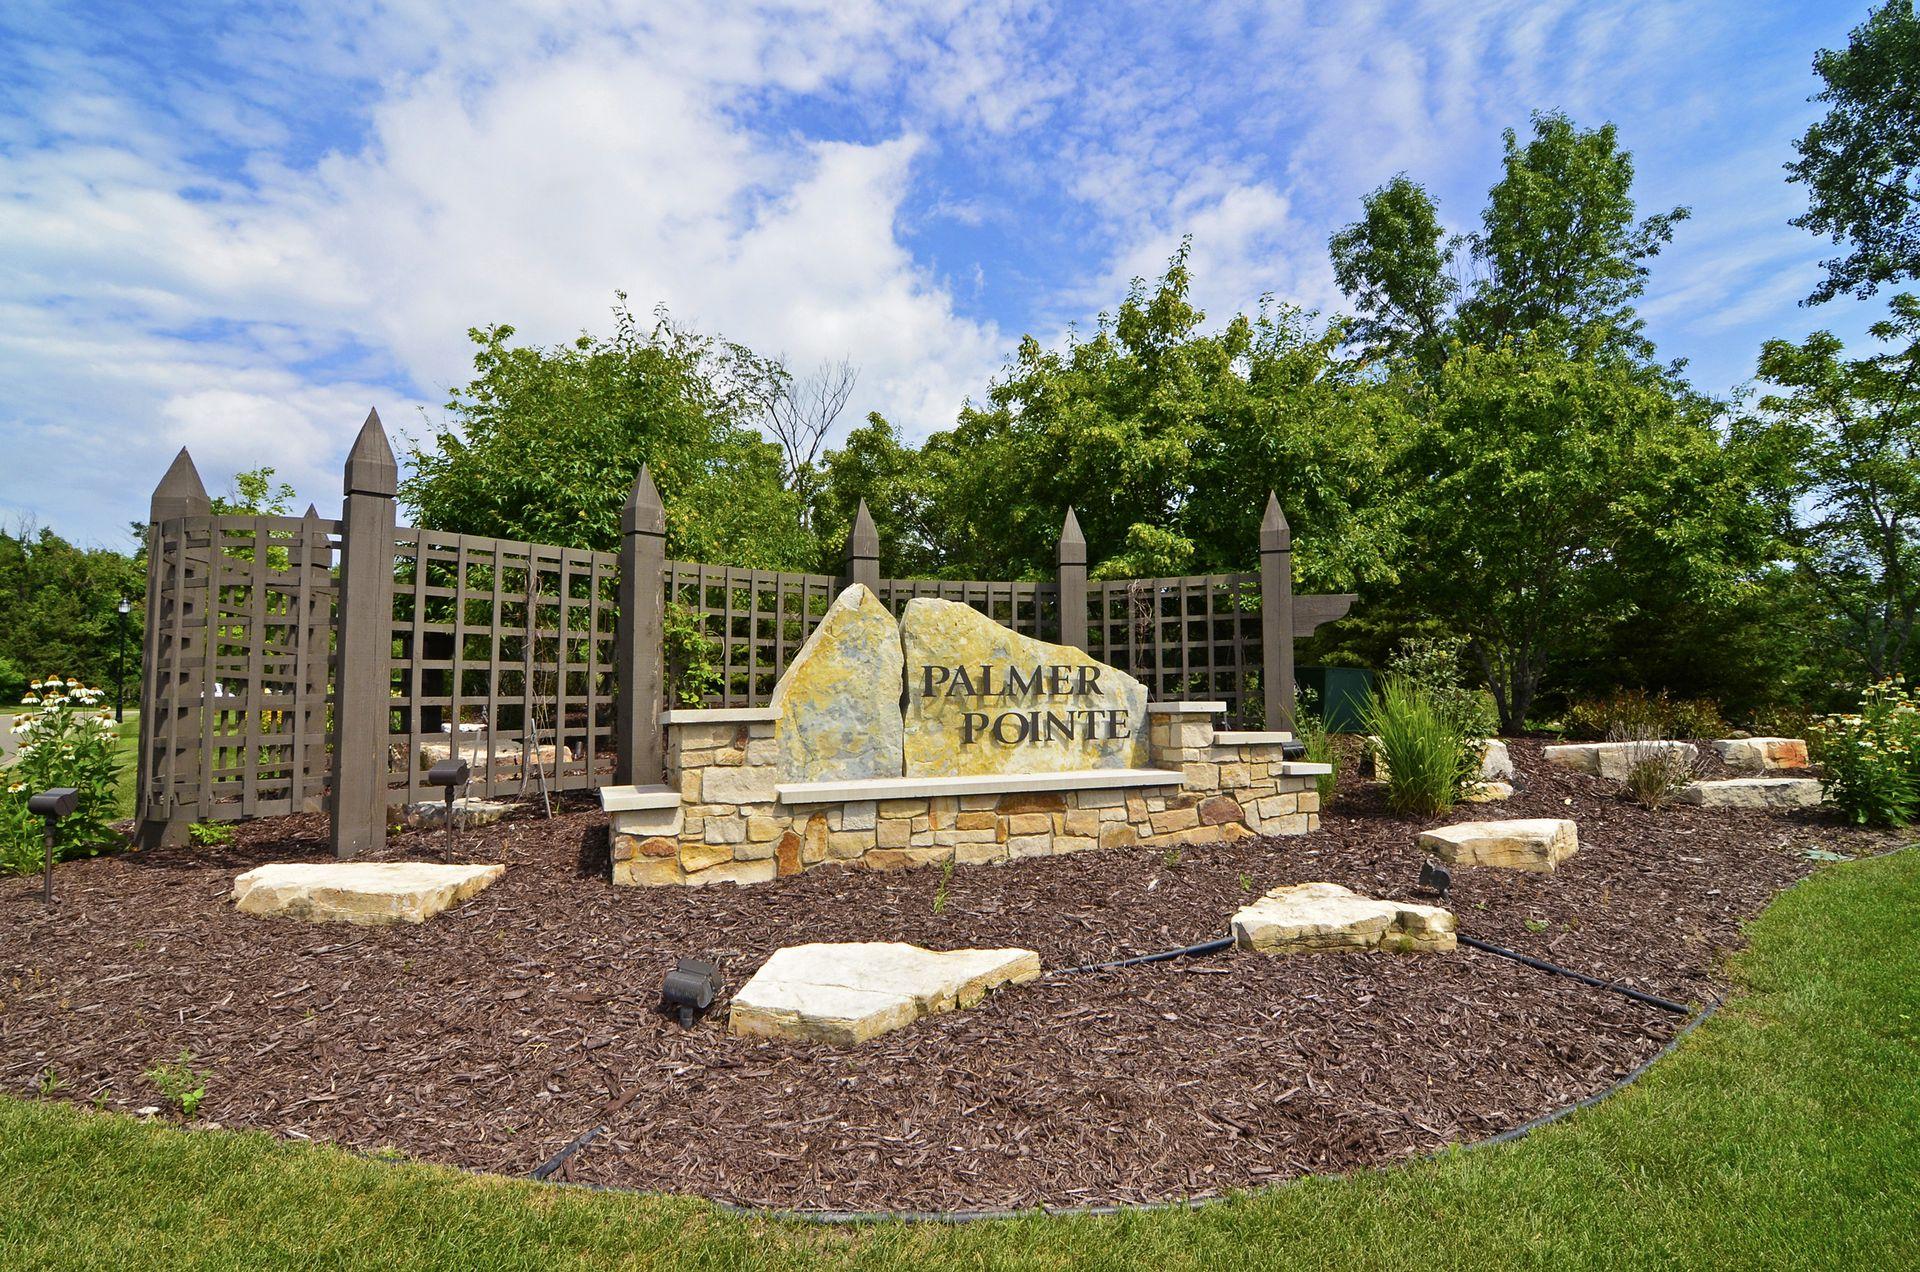 土地 为 销售 在 4656 Palmer Pointe Road Minnetrista, 明尼苏达州 55331 美国